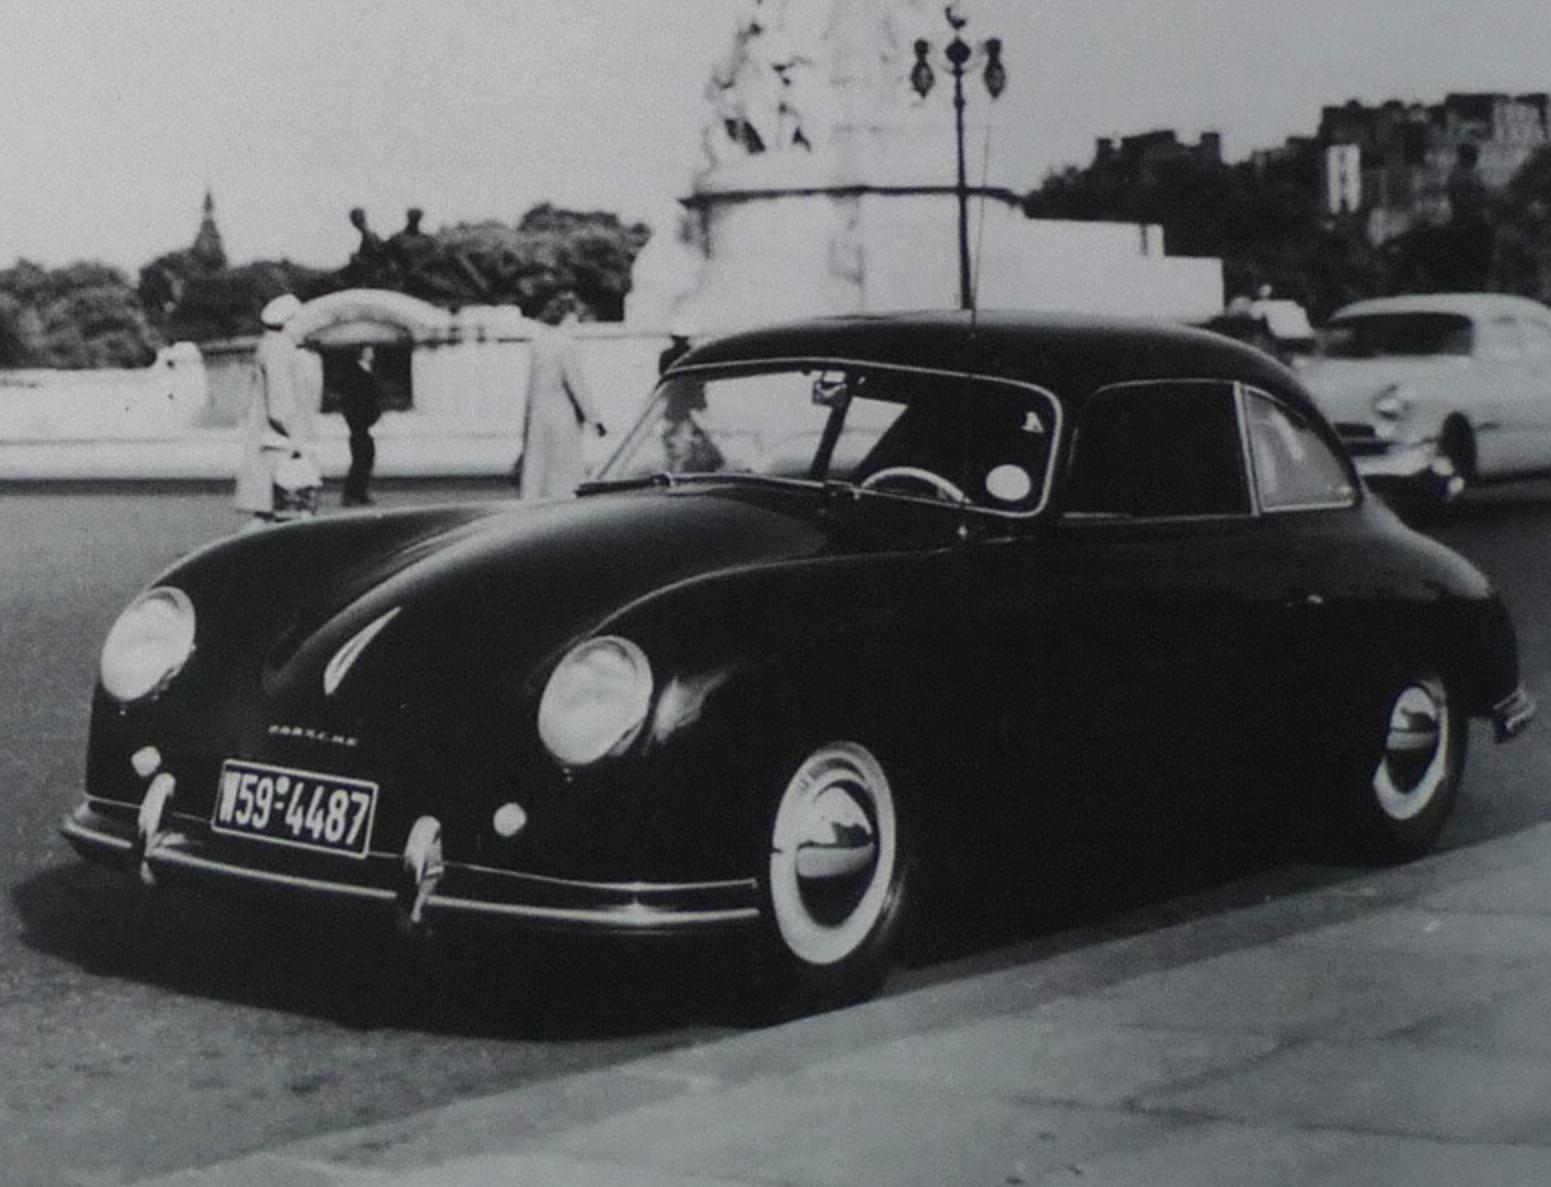 Type 530